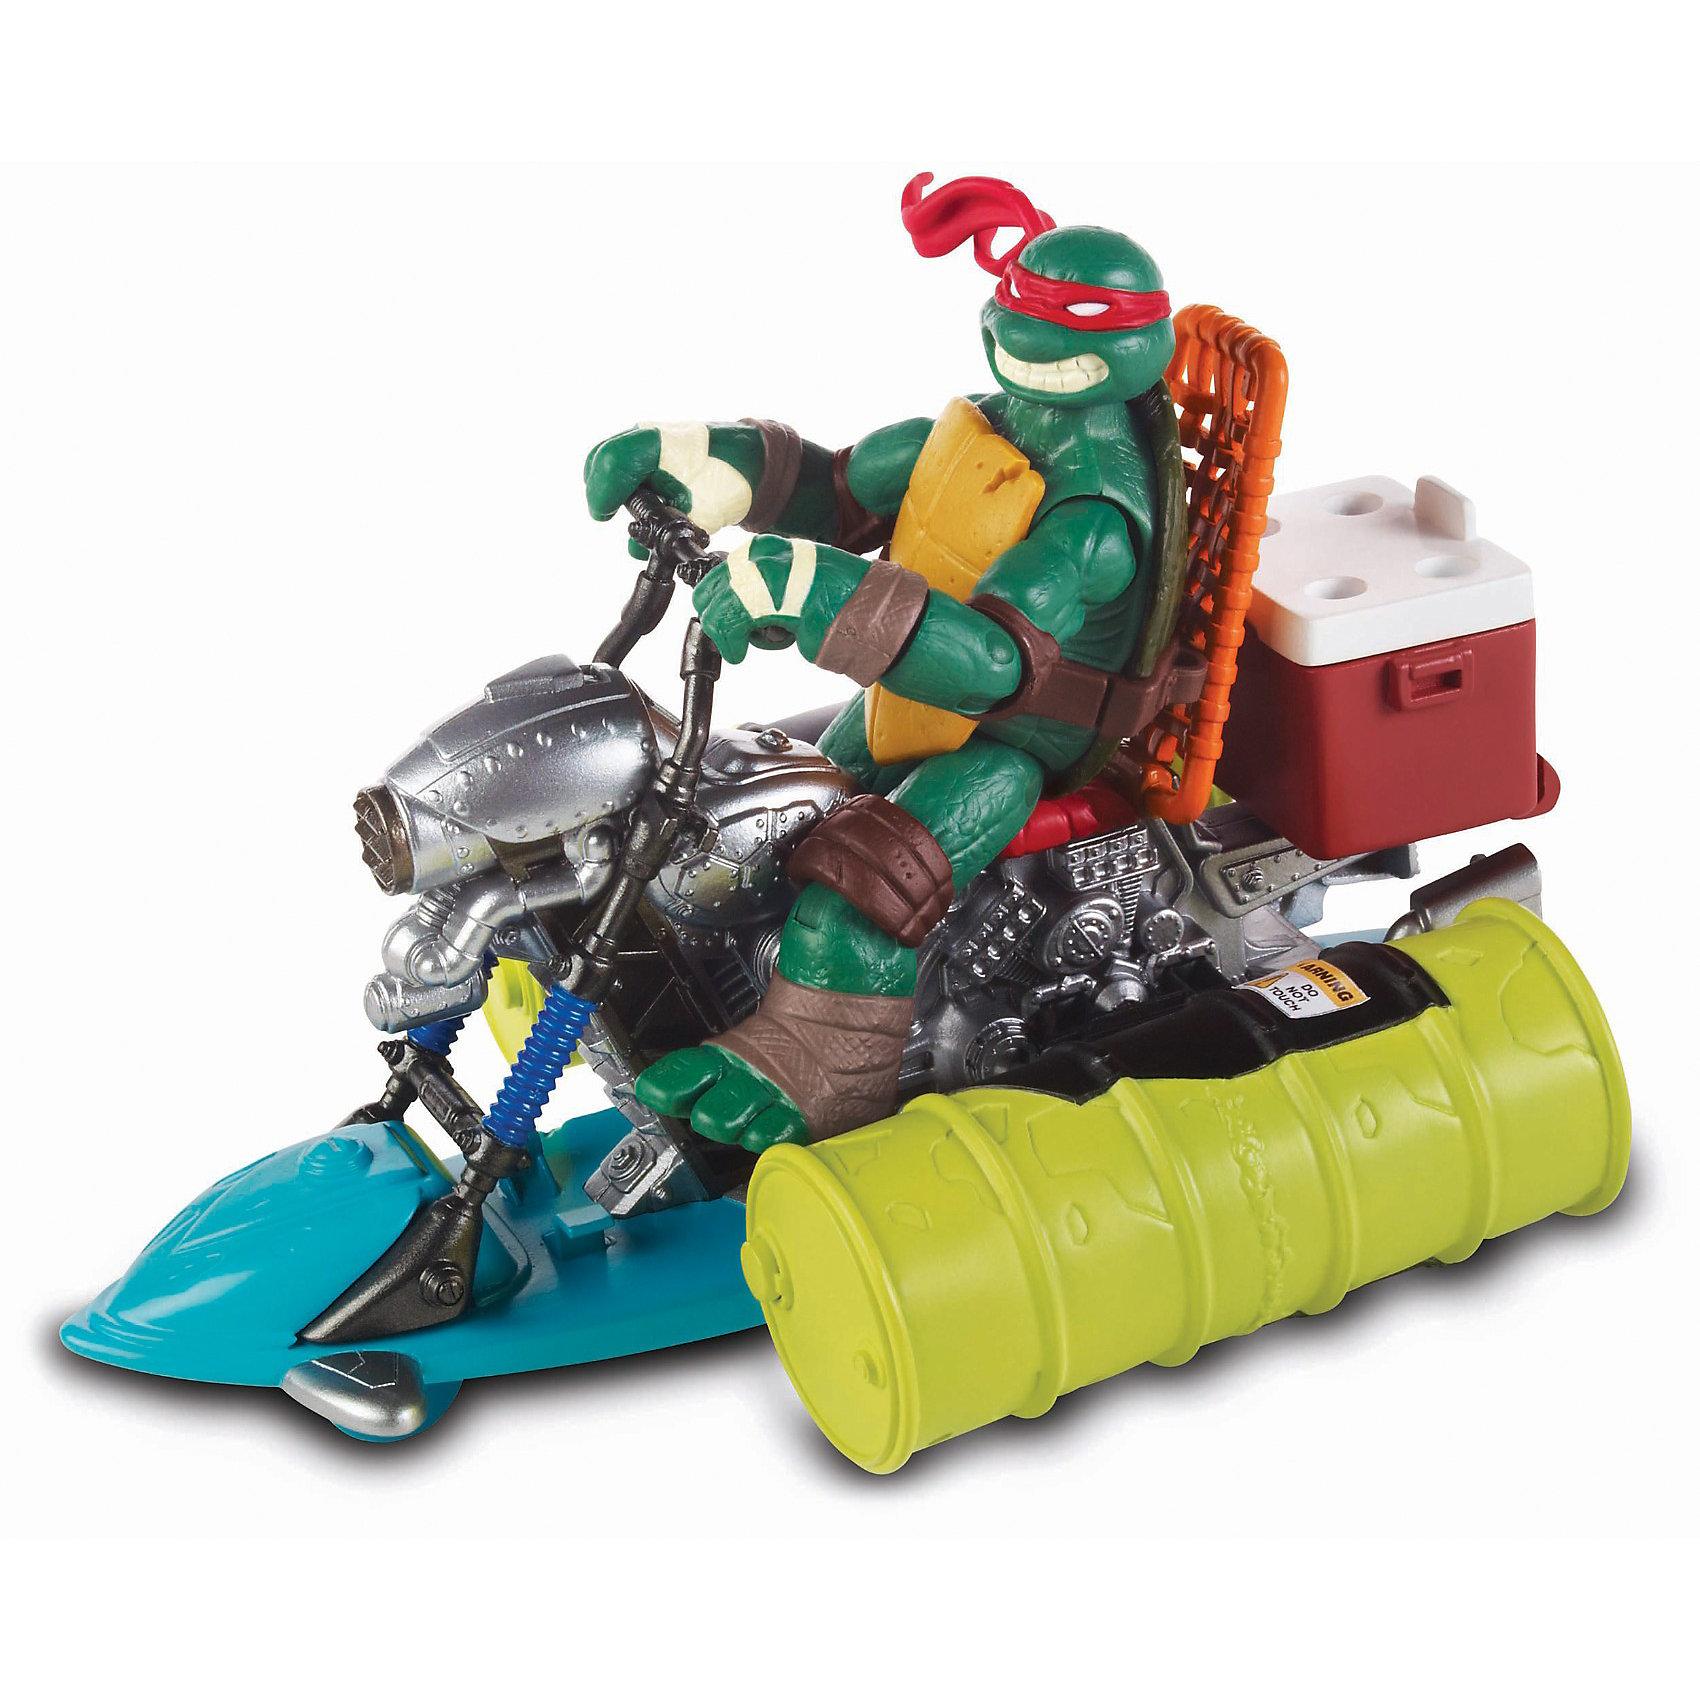 Гидроцикл Черепашки НиндзяГидроцикл «Черепашек-ниндзя»  - игровой набор боевой гидроцикл  для атаки врага на  воде.<br>С помощью  гидроцикла, «Черепашки-ниндзя» (Ninja Turtles) могут  настичь неприятеля на воде.<br>На водительском сиденье можно расположить одну из фигурок «Черепашек Ниндзя»  12см.<br>За сиденьем  гидроцикла  находится специальный ящик, который можно наполнить  мутагеном - это боевой раствор, на основе мыльной воды зелёного цвета (продается отдельно). С помощью лёгкого движения руки, ящик  можно опрокинуть  и  мутаген окажется на воде - враги повержены!<br>Гидроцикл,  по настоящему, держится на воде, что придаёт игре ещё большую реалистичность.  <br>Игровой набор развивает фантазию, воображение, а также умение создать ролевую игру на основе сюжетов из любимого мультсериала.<br>Гидроцикл «Черепашек-Ниндзя» продаётся  в яркой и красивой упаковке.<br><br>Теперь врагам не уйти!<br><br>Дополнительная информация:<br><br>- Размер  гидроцикла (ВхДхШ): 10х18х14 см. <br>- Вес: 0,322 кг.<br>- Материал: Пластик<br>- Фигурки-игрушки «Черепашек-ниндзя» в комплект не входят и приобретаются отдельно. <br><br>«Гидроцикл, Черепашки Ниндзя» можно купить в нашем интернет-магазине.<br><br>Ширина мм: 250<br>Глубина мм: 70<br>Высота мм: 190<br>Вес г: 325<br>Возраст от месяцев: 48<br>Возраст до месяцев: 132<br>Пол: Мужской<br>Возраст: Детский<br>SKU: 3377417